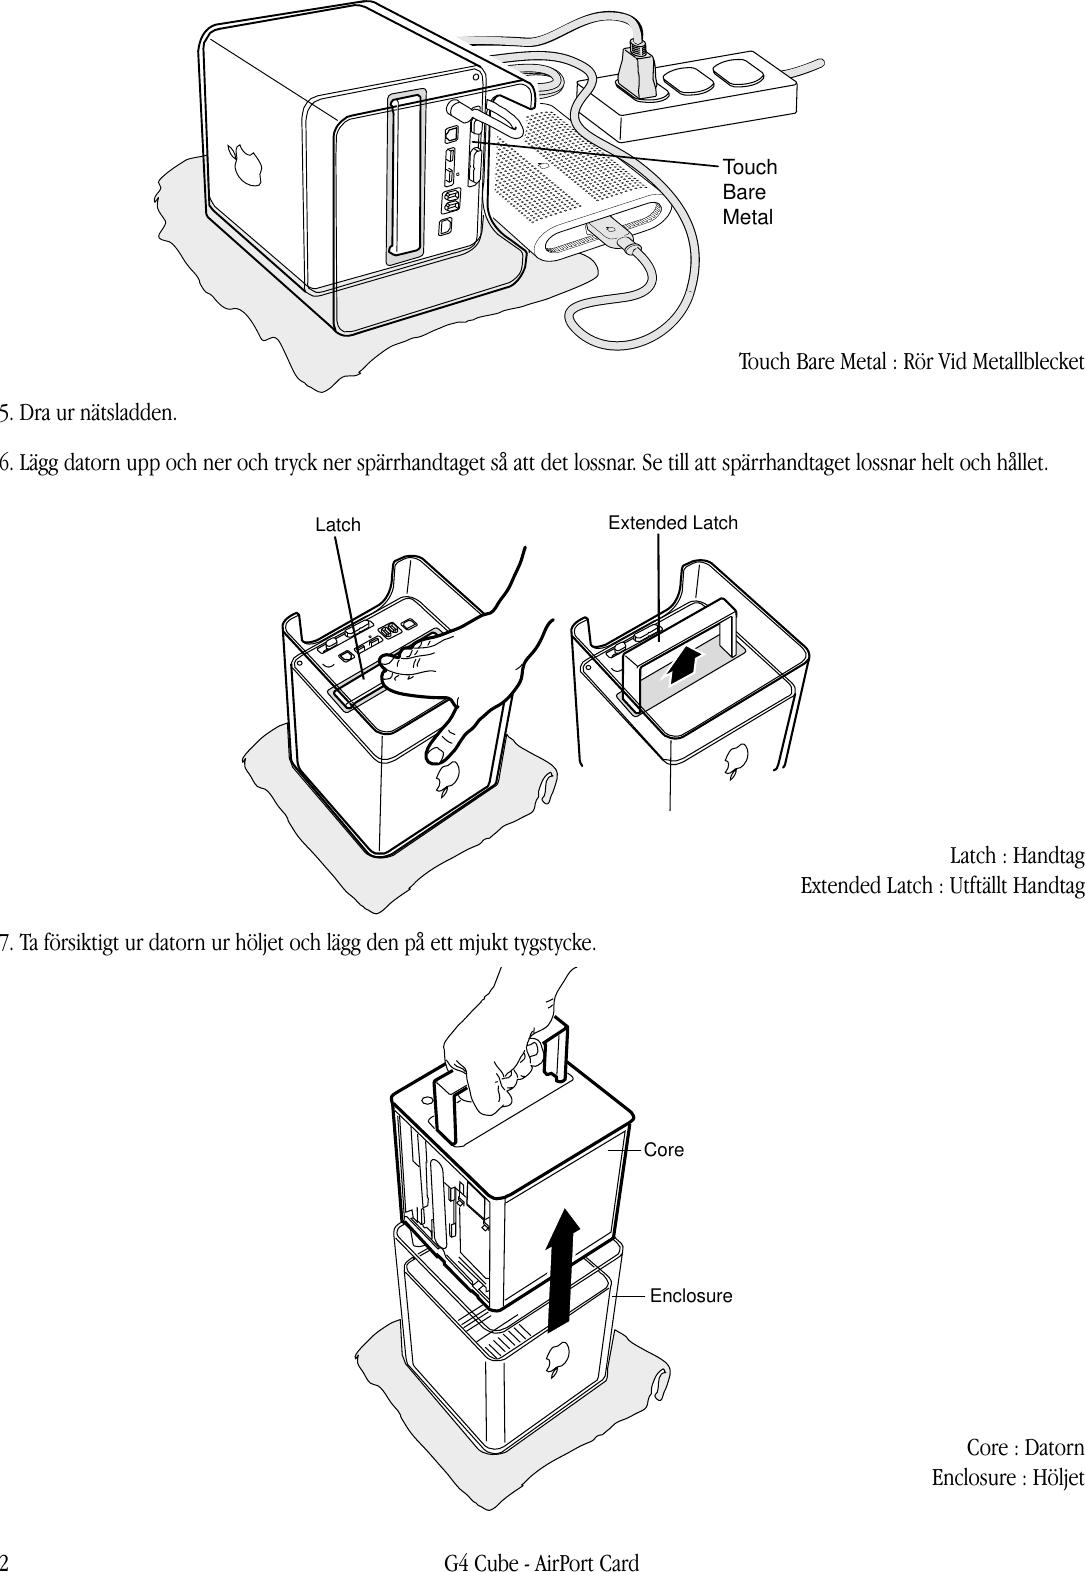 Apple Power Mac G4 (Cube) AirPort Card User Manual Air Port kort Instruktioner För Byte Airport.cube